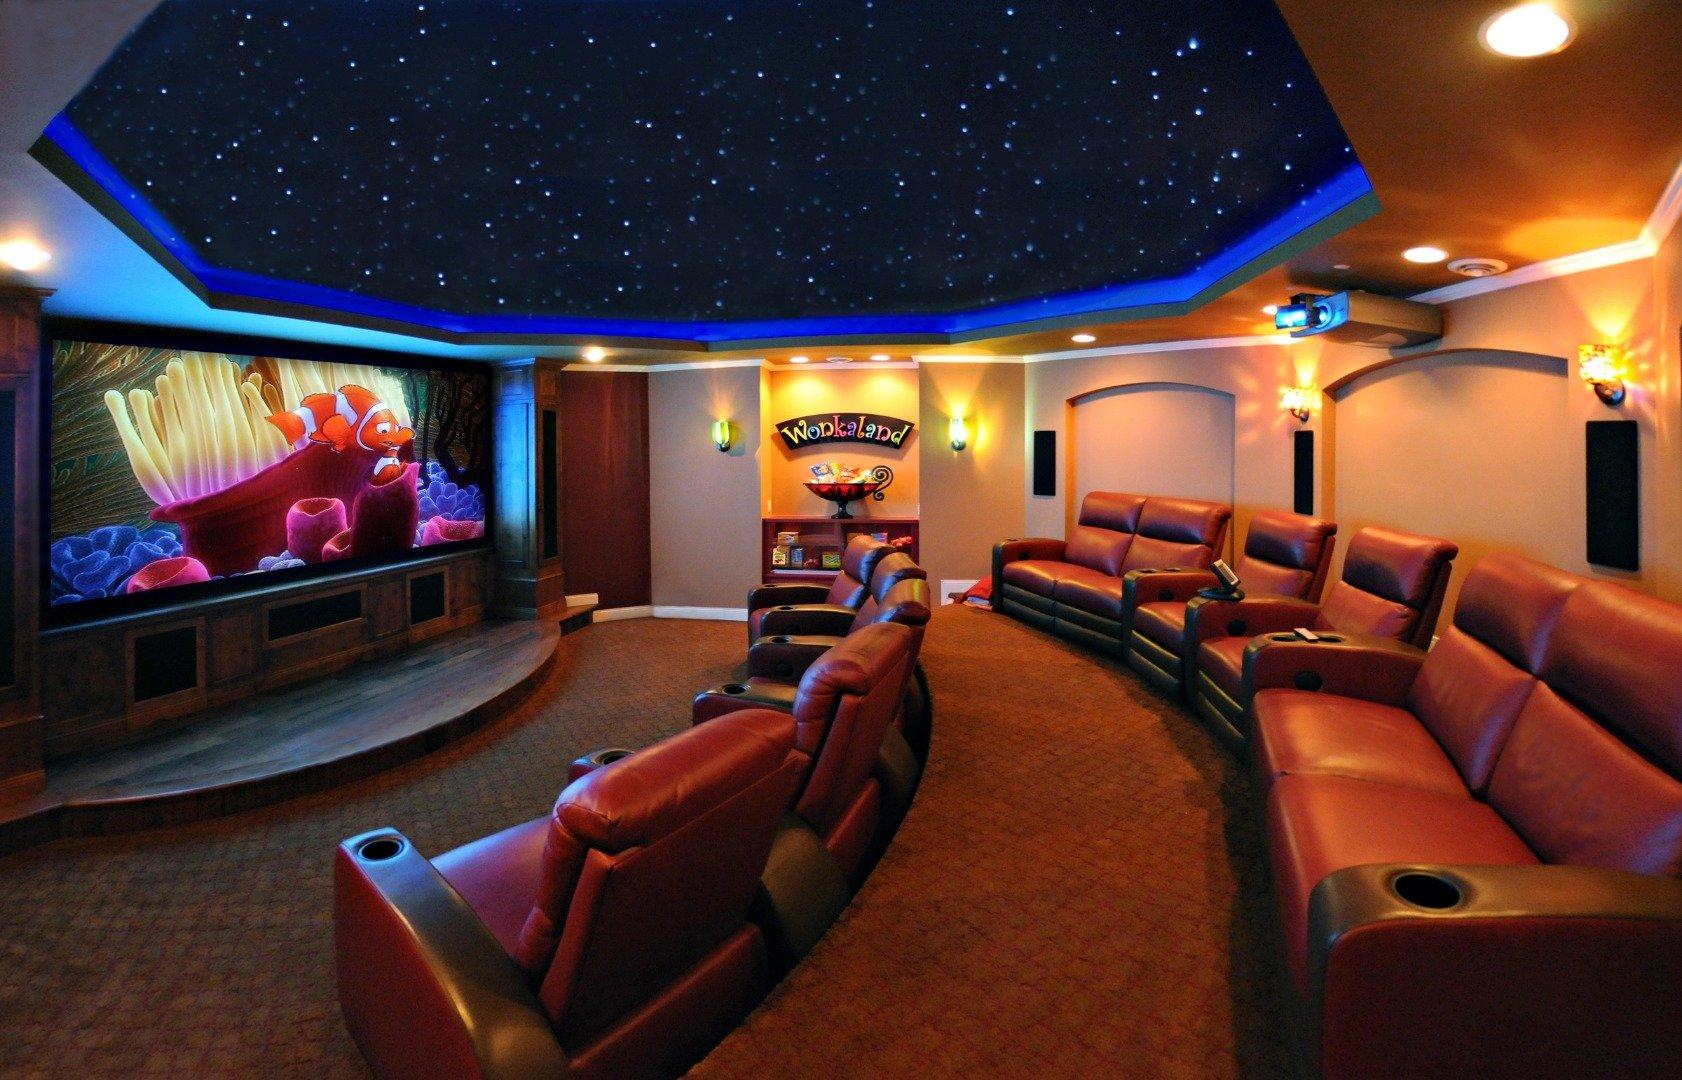 Dream Home Theatre System